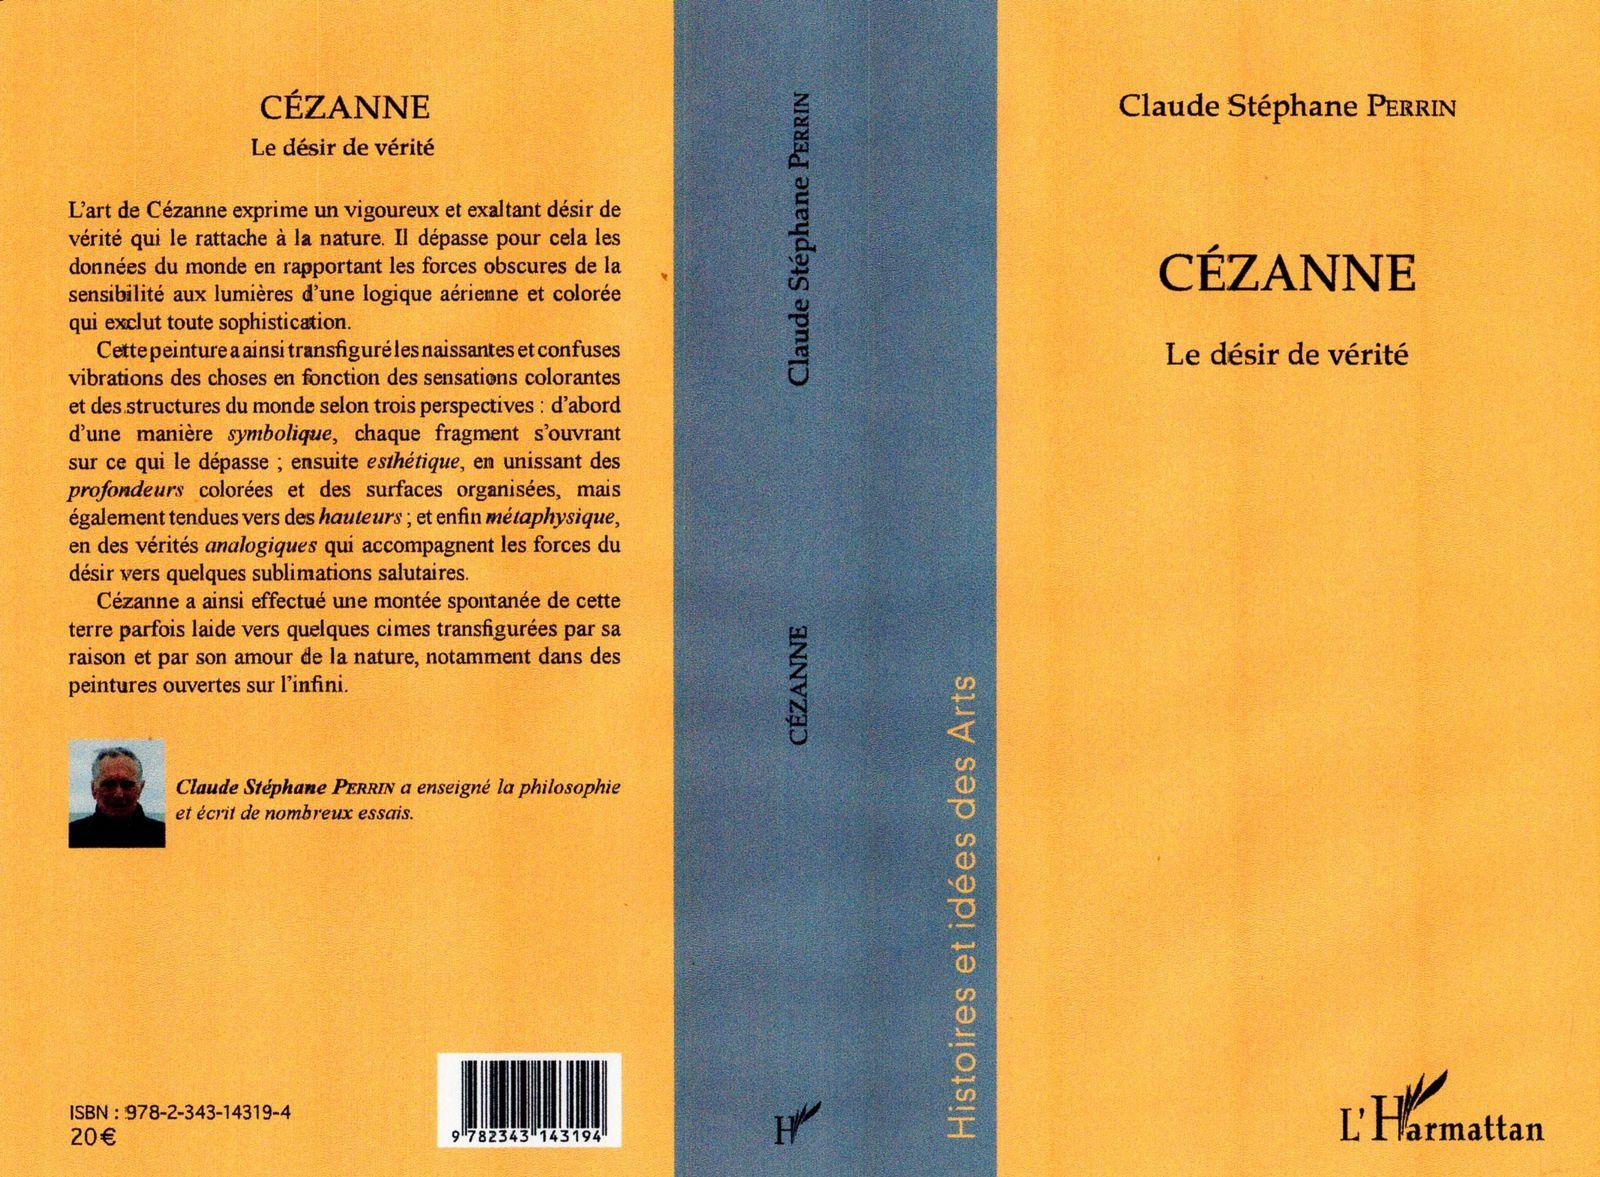 Cézanne et le désir de vérité